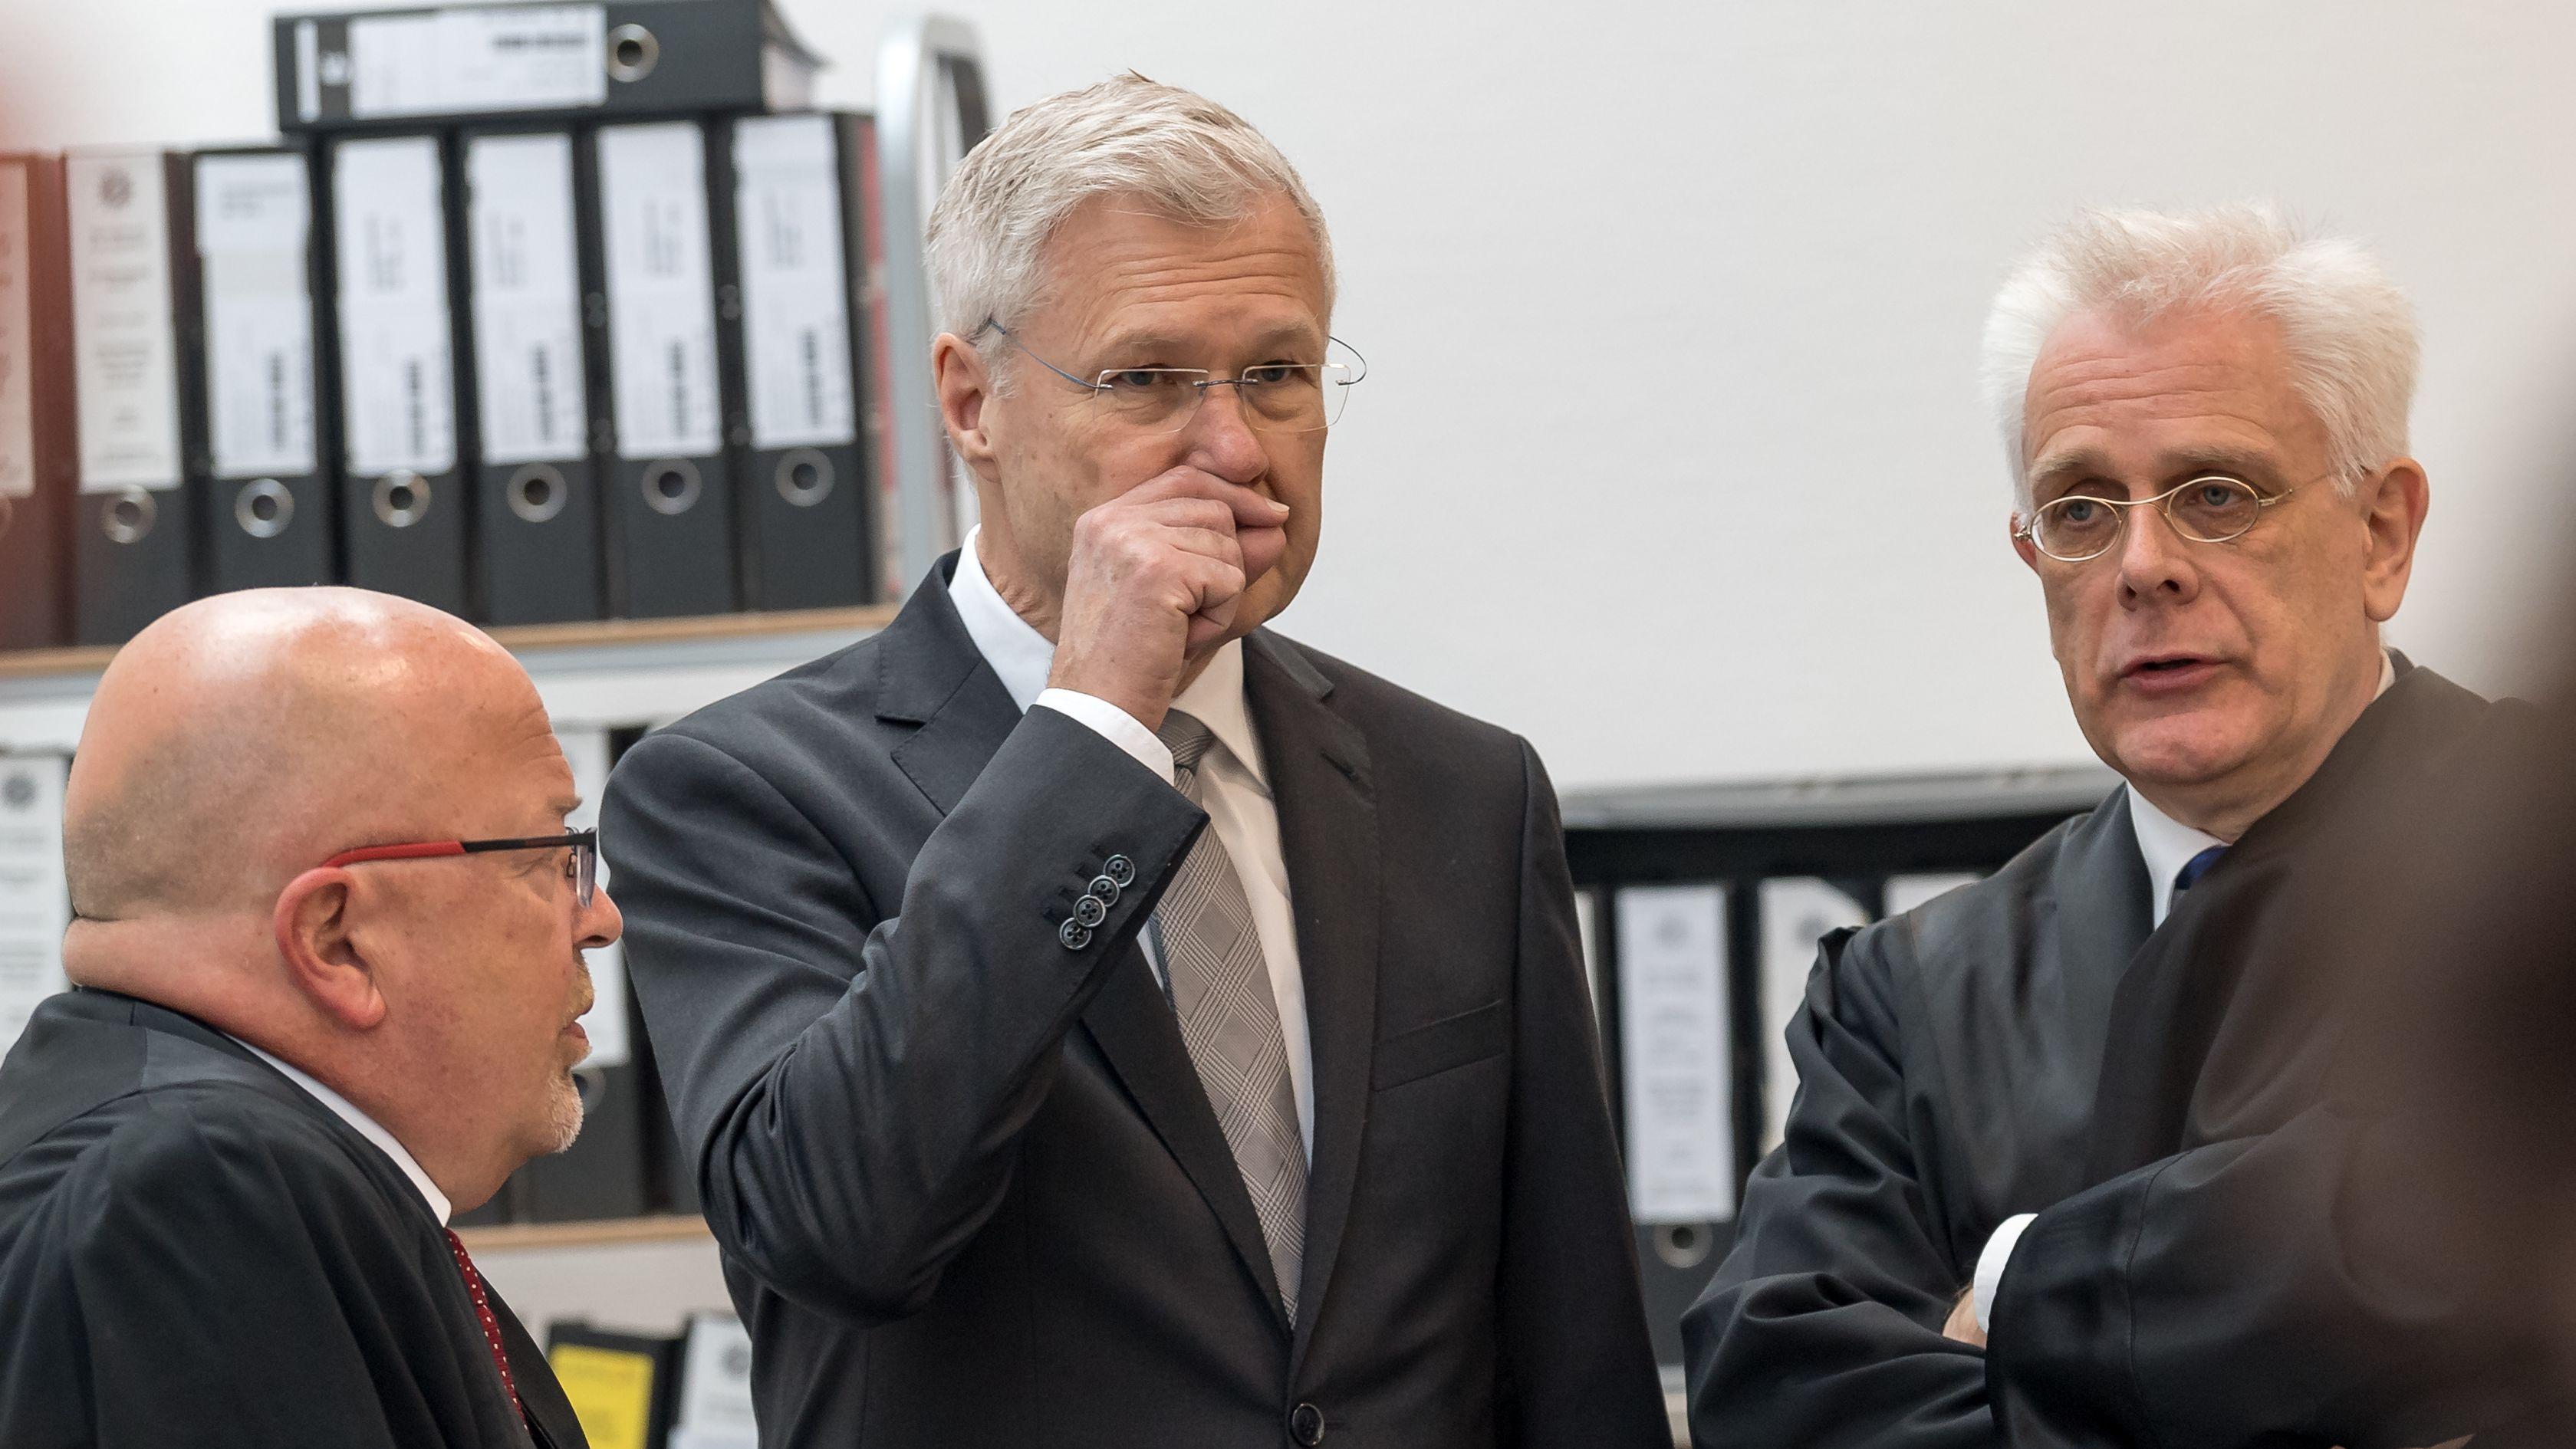 Alfred Lehmann (M, CSU) mit seinen Anwälten Jörg Gragert (l) und Andreas Mariassy (r) vor Prozessbeginn im Landgericht Ingolstadt